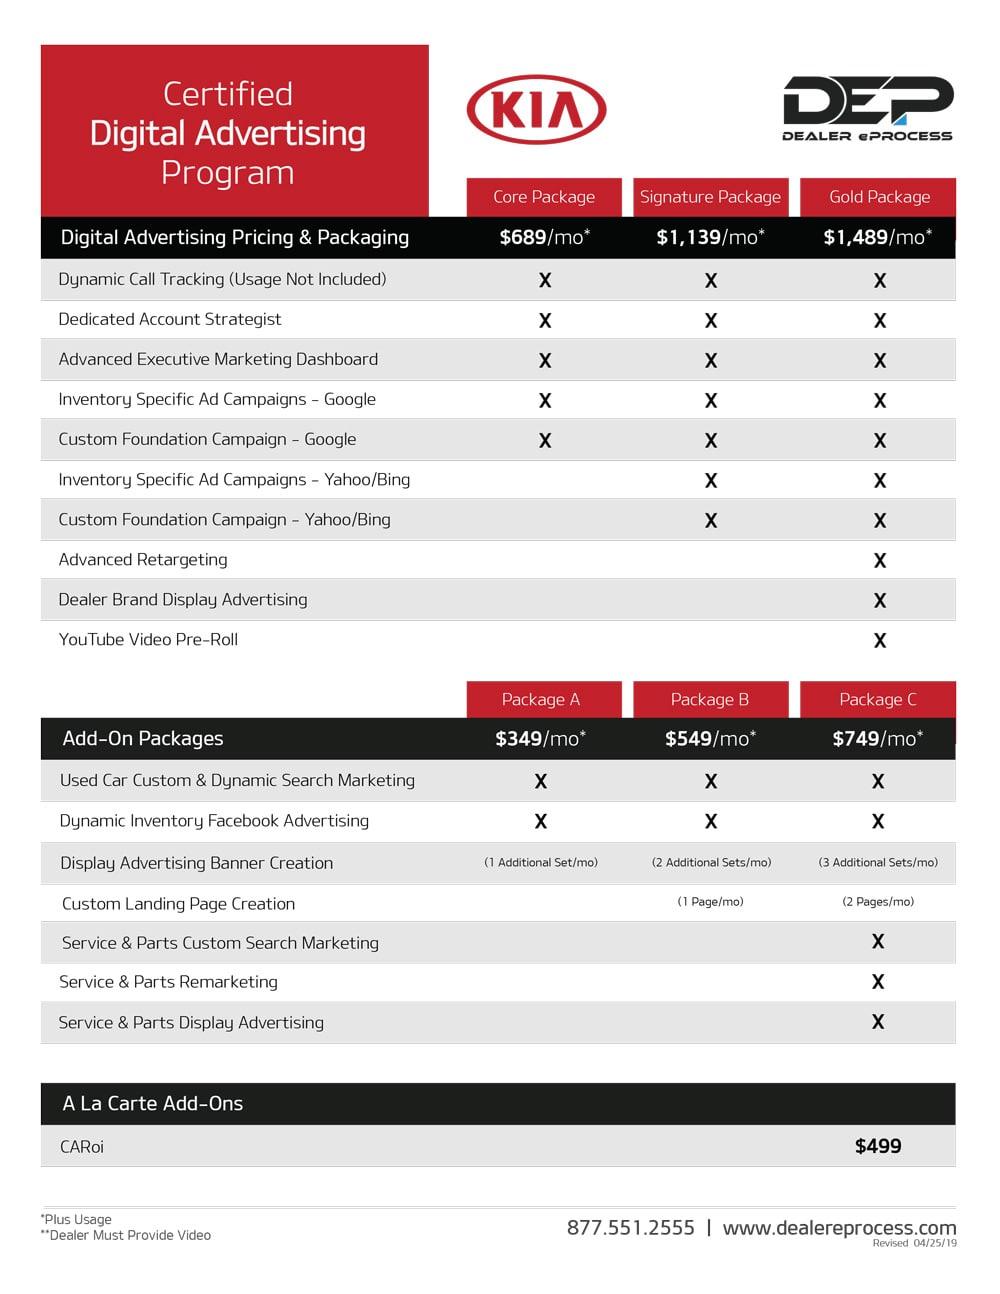 Kia Digital Advertising price sheet